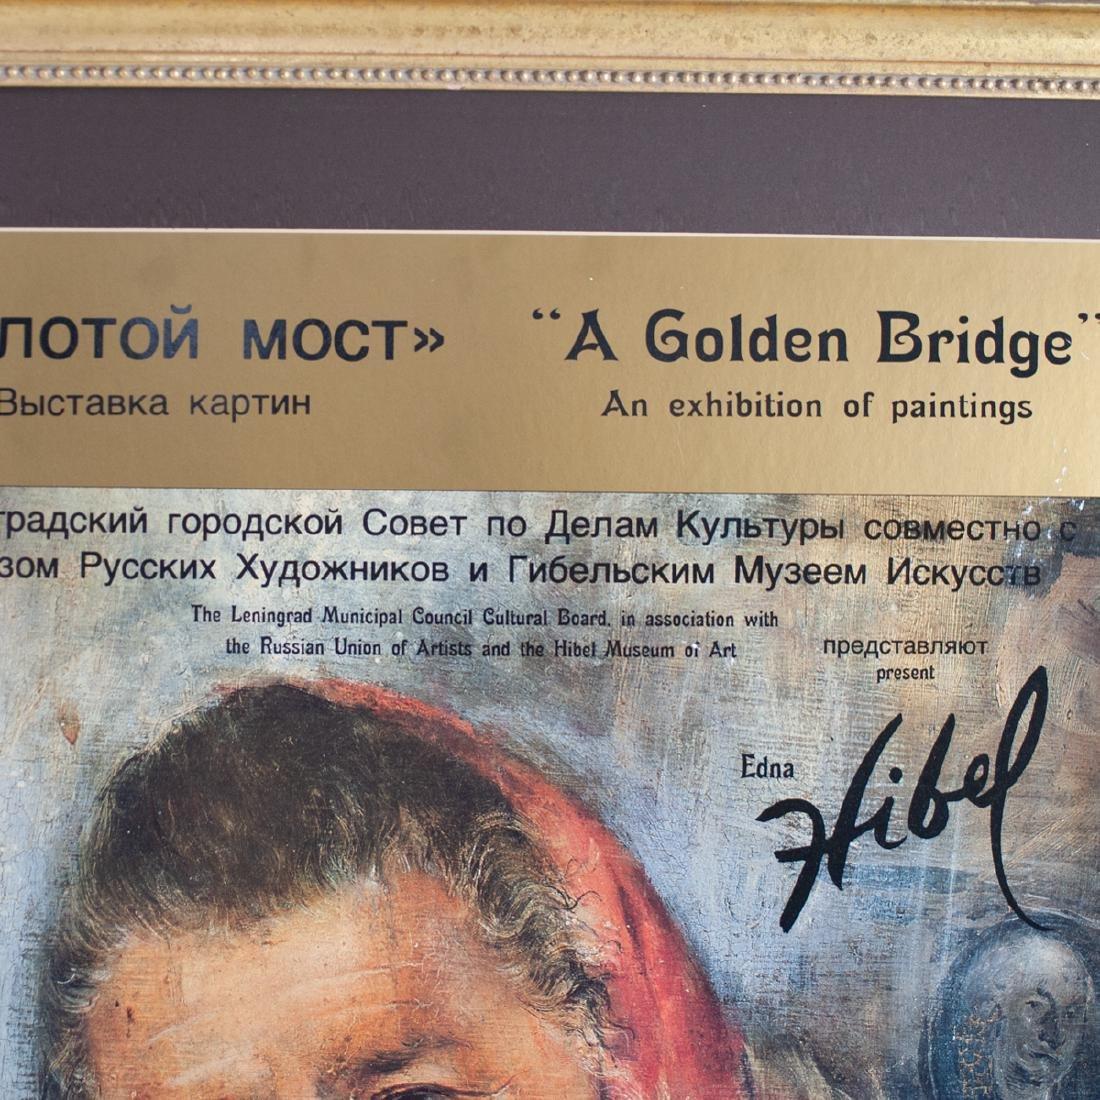 """Edna Hibel 1990 """"A Golden Bridge"""" Poster - 2"""